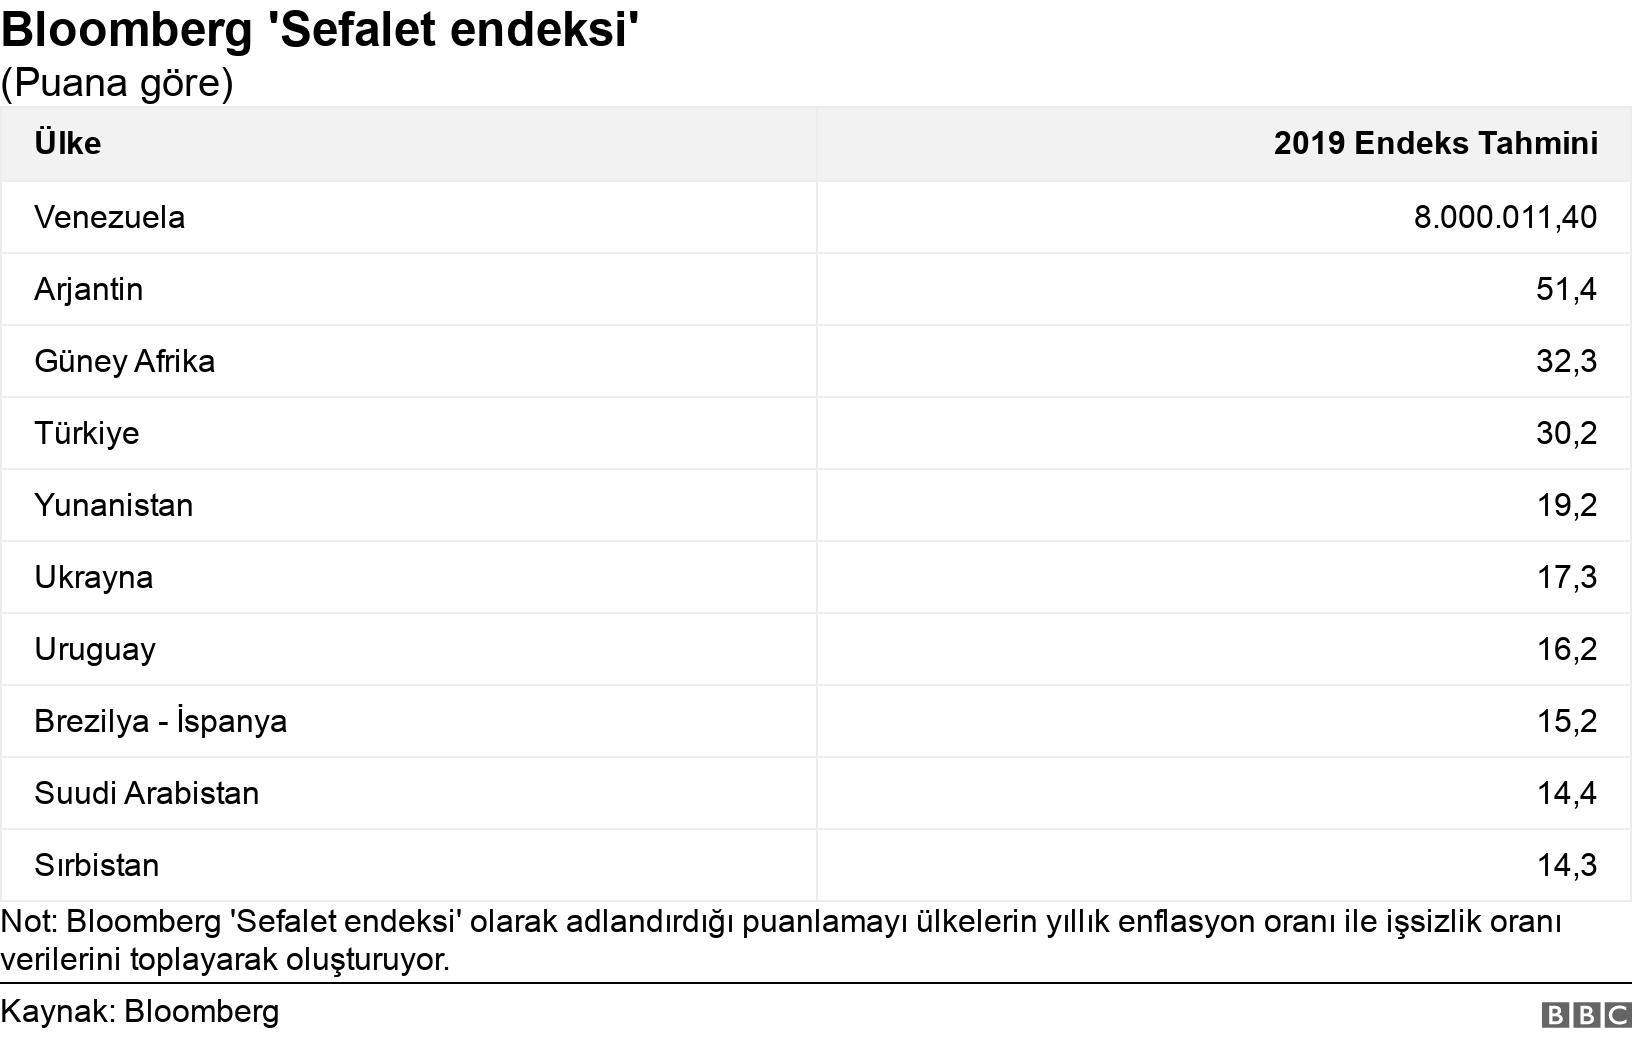 Bloomberg 'Sefalet endeksi'. (Puana göre).  Not: Bloomberg 'Sefalet endeksi' olarak adlandırdığı puanlamayı ülkelerin yıllık enflasyon oranı ile işsizlik oranı verilerini toplayarak oluşturuyor..